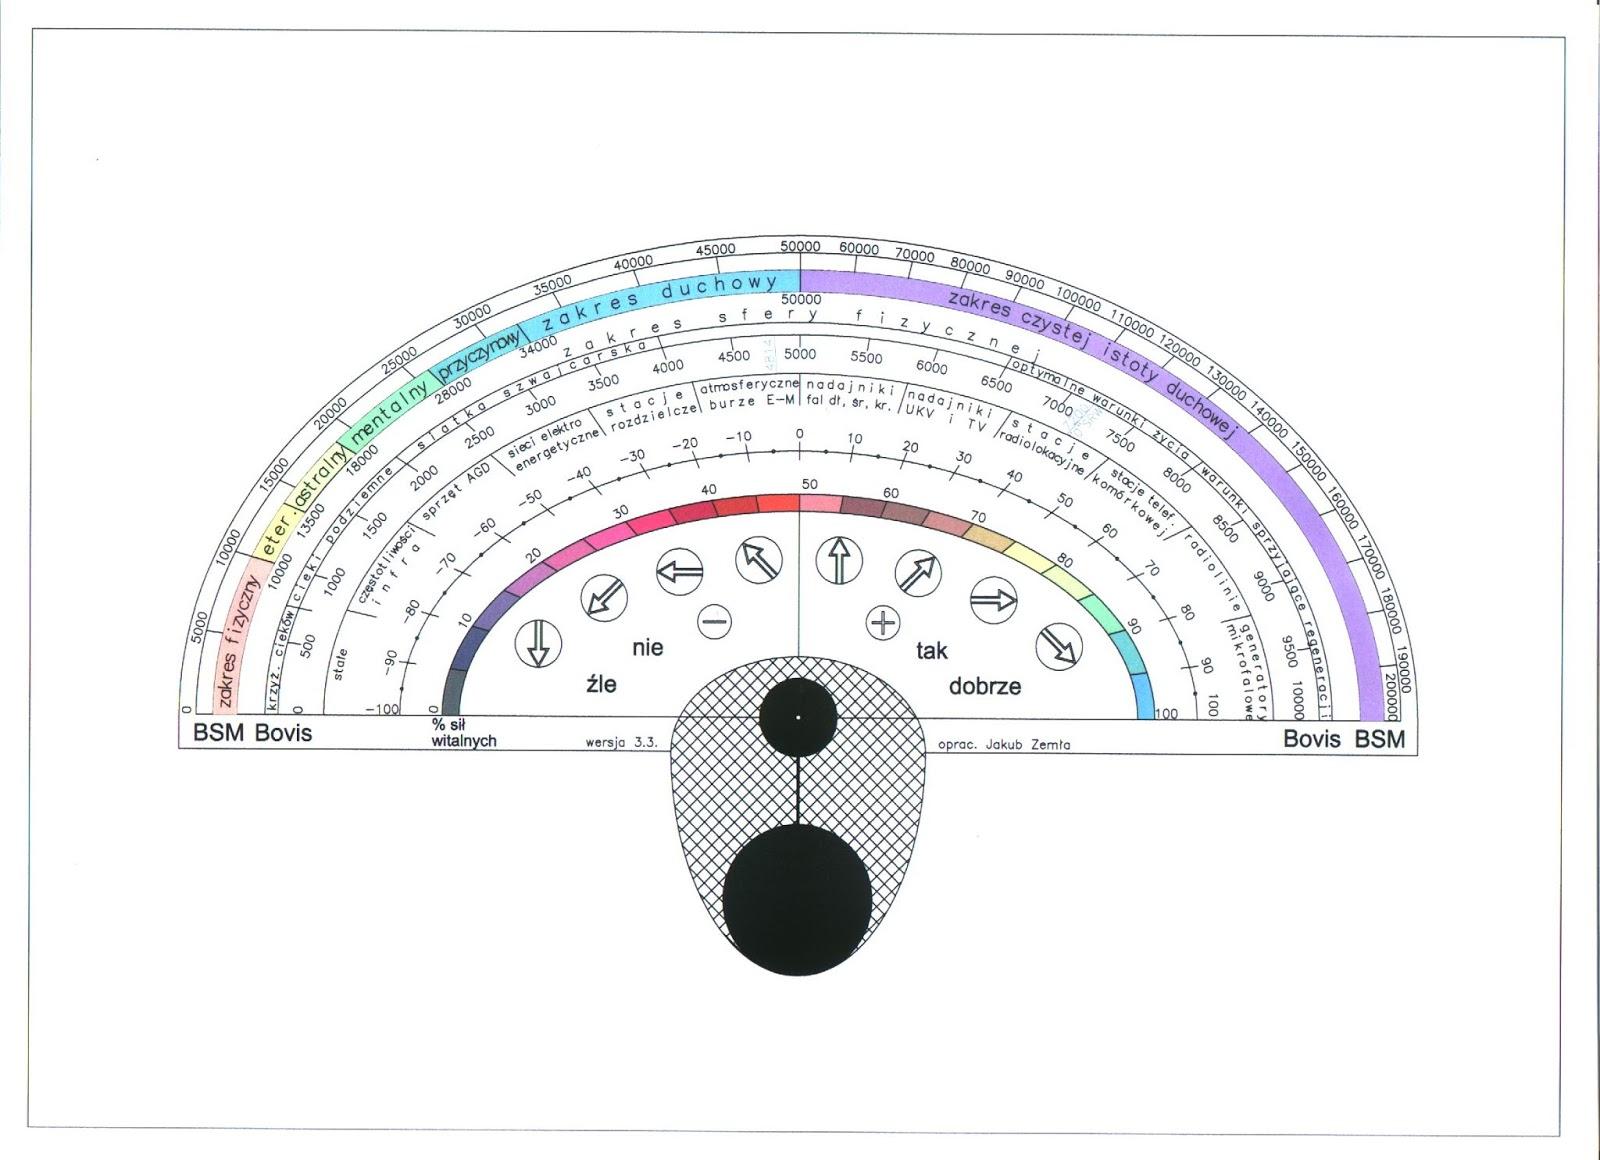 jak mierzyć energię w skali Bovisa